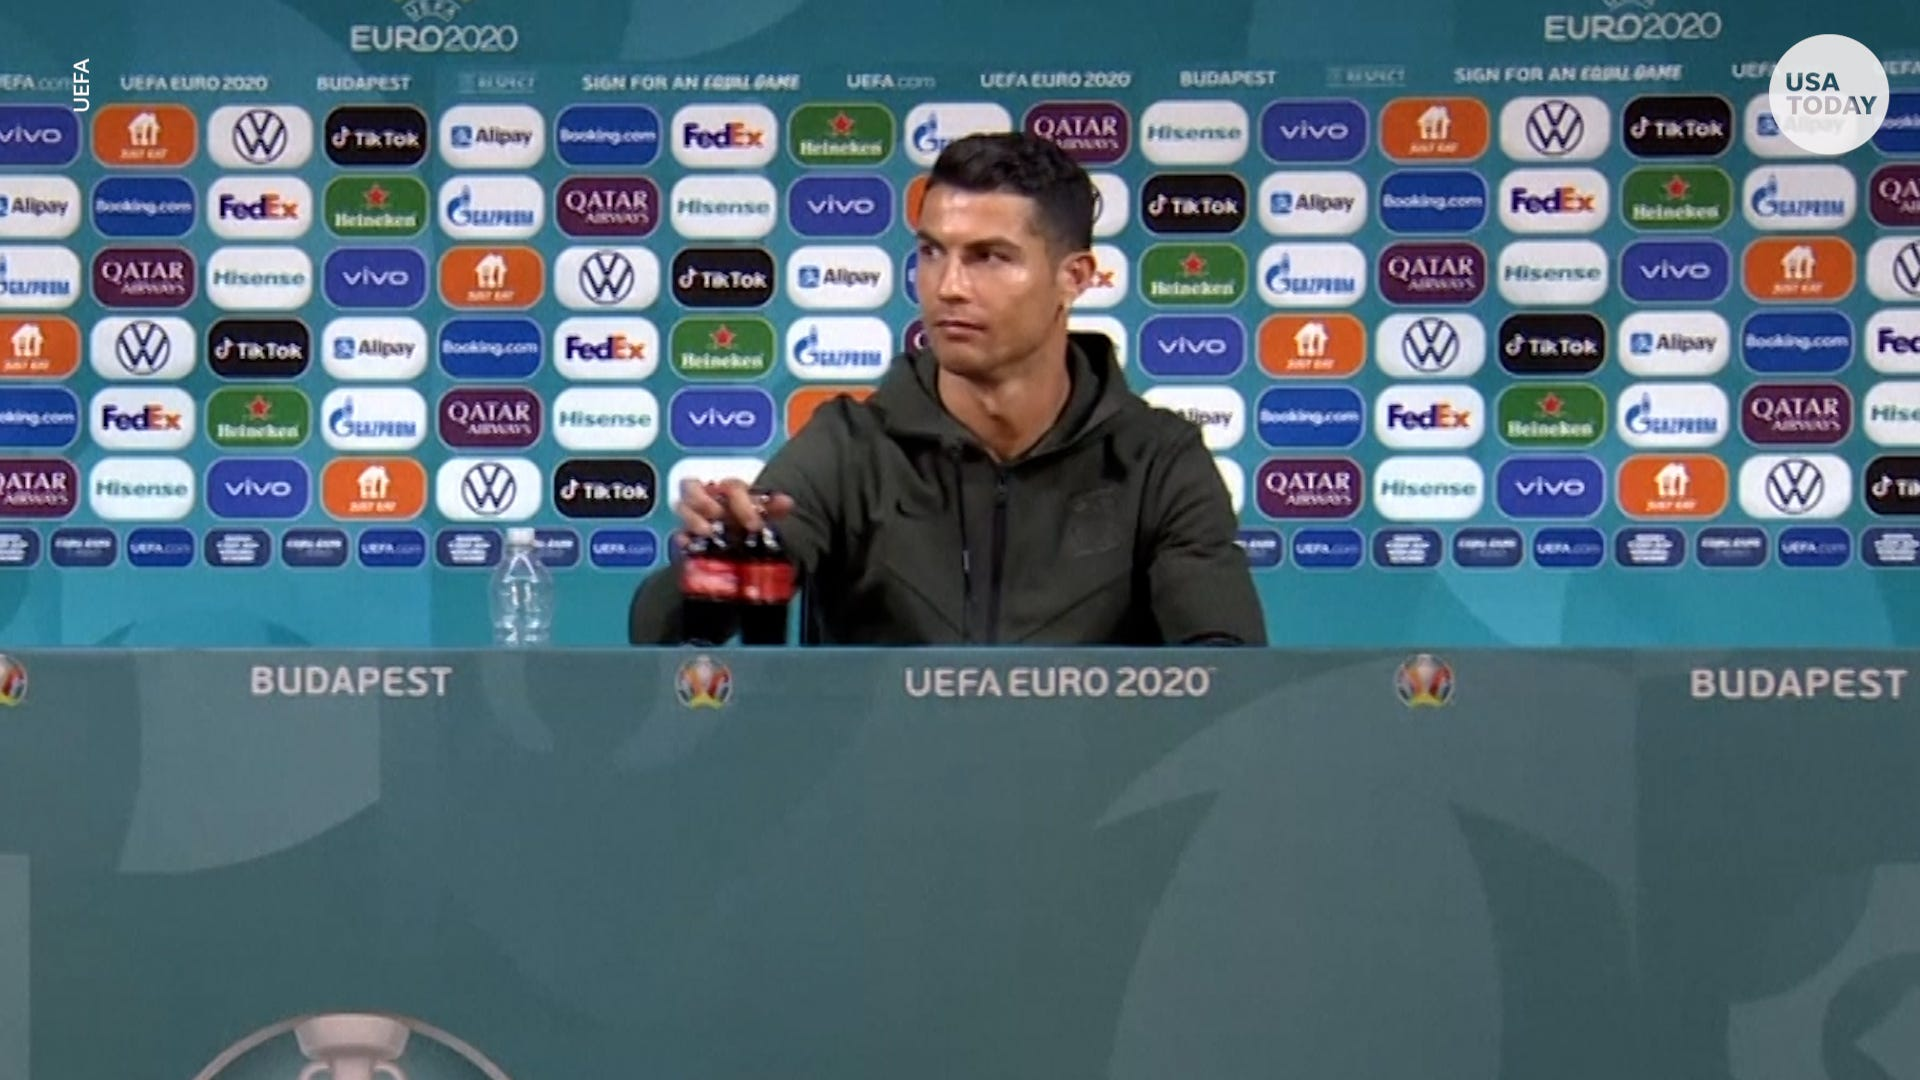 Cristiano Ronaldo may have cost Coca-Cola $4 billion in market value